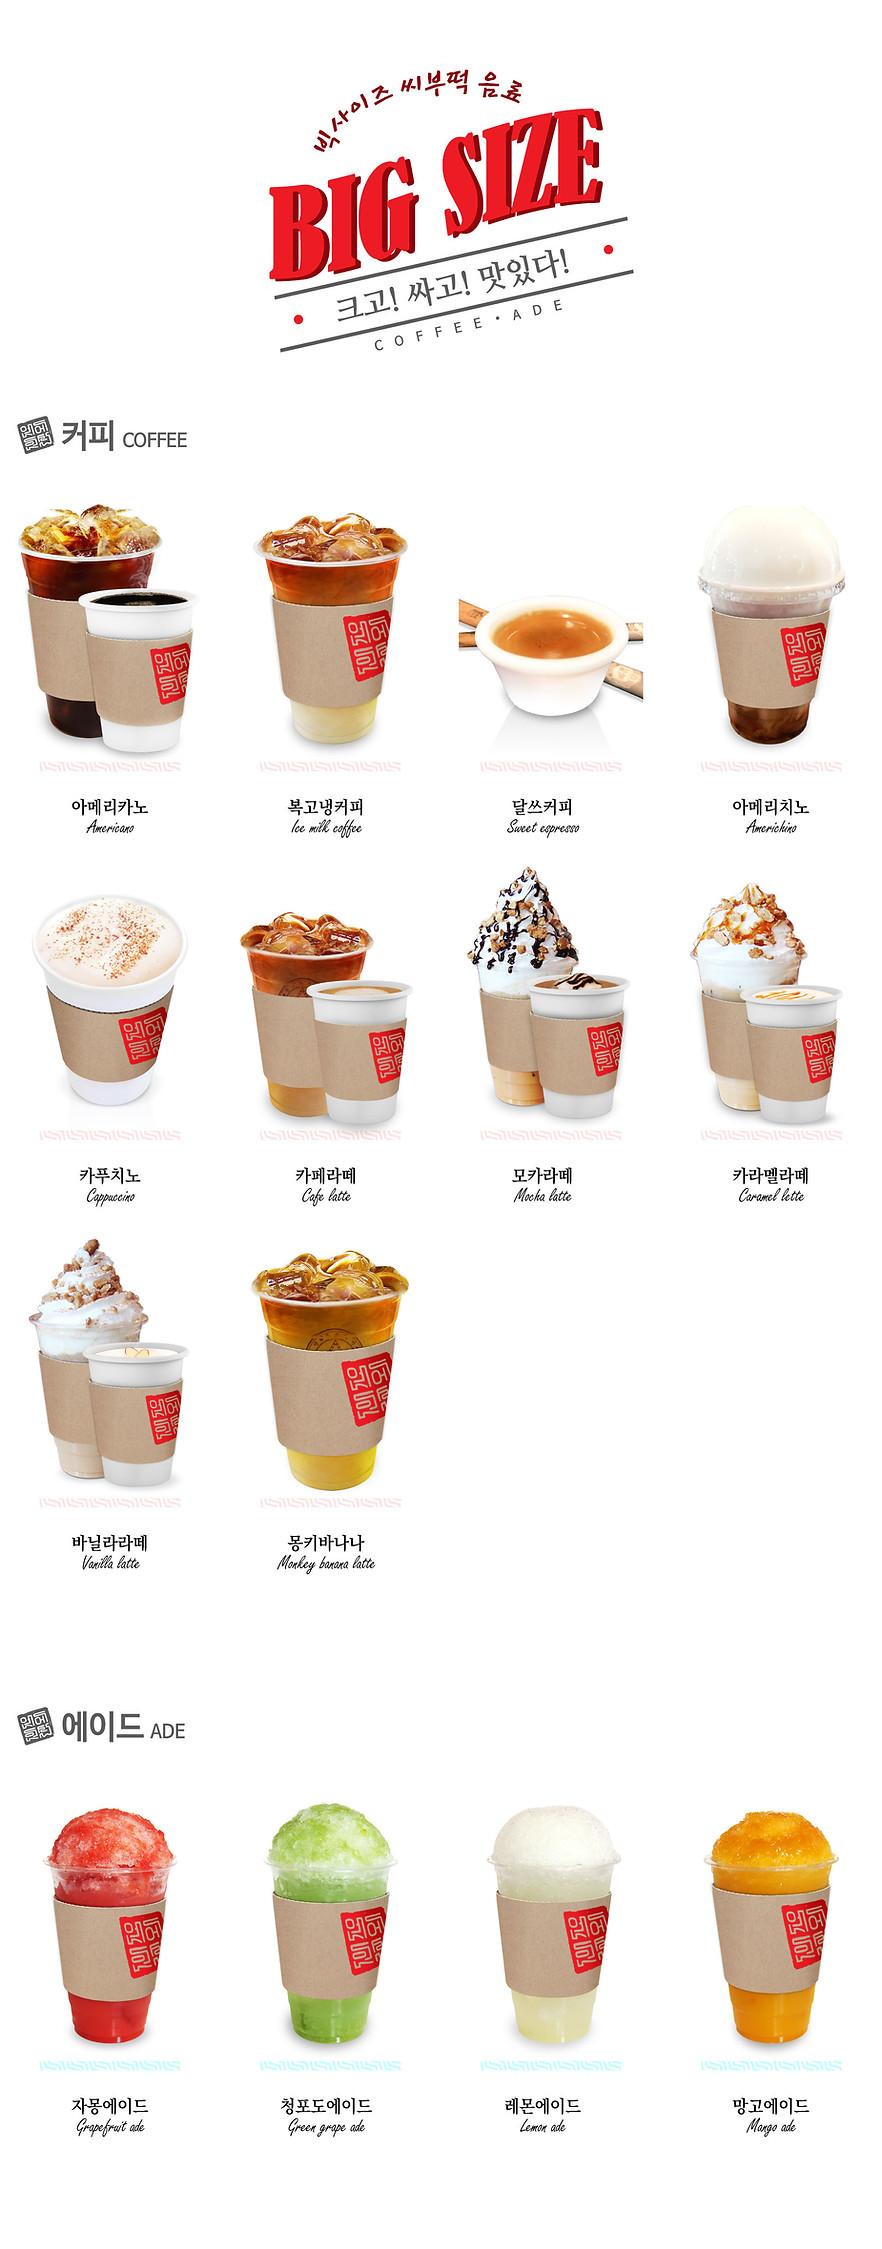 빅사이즈 음료 대형음료 커피 라떼, 분식